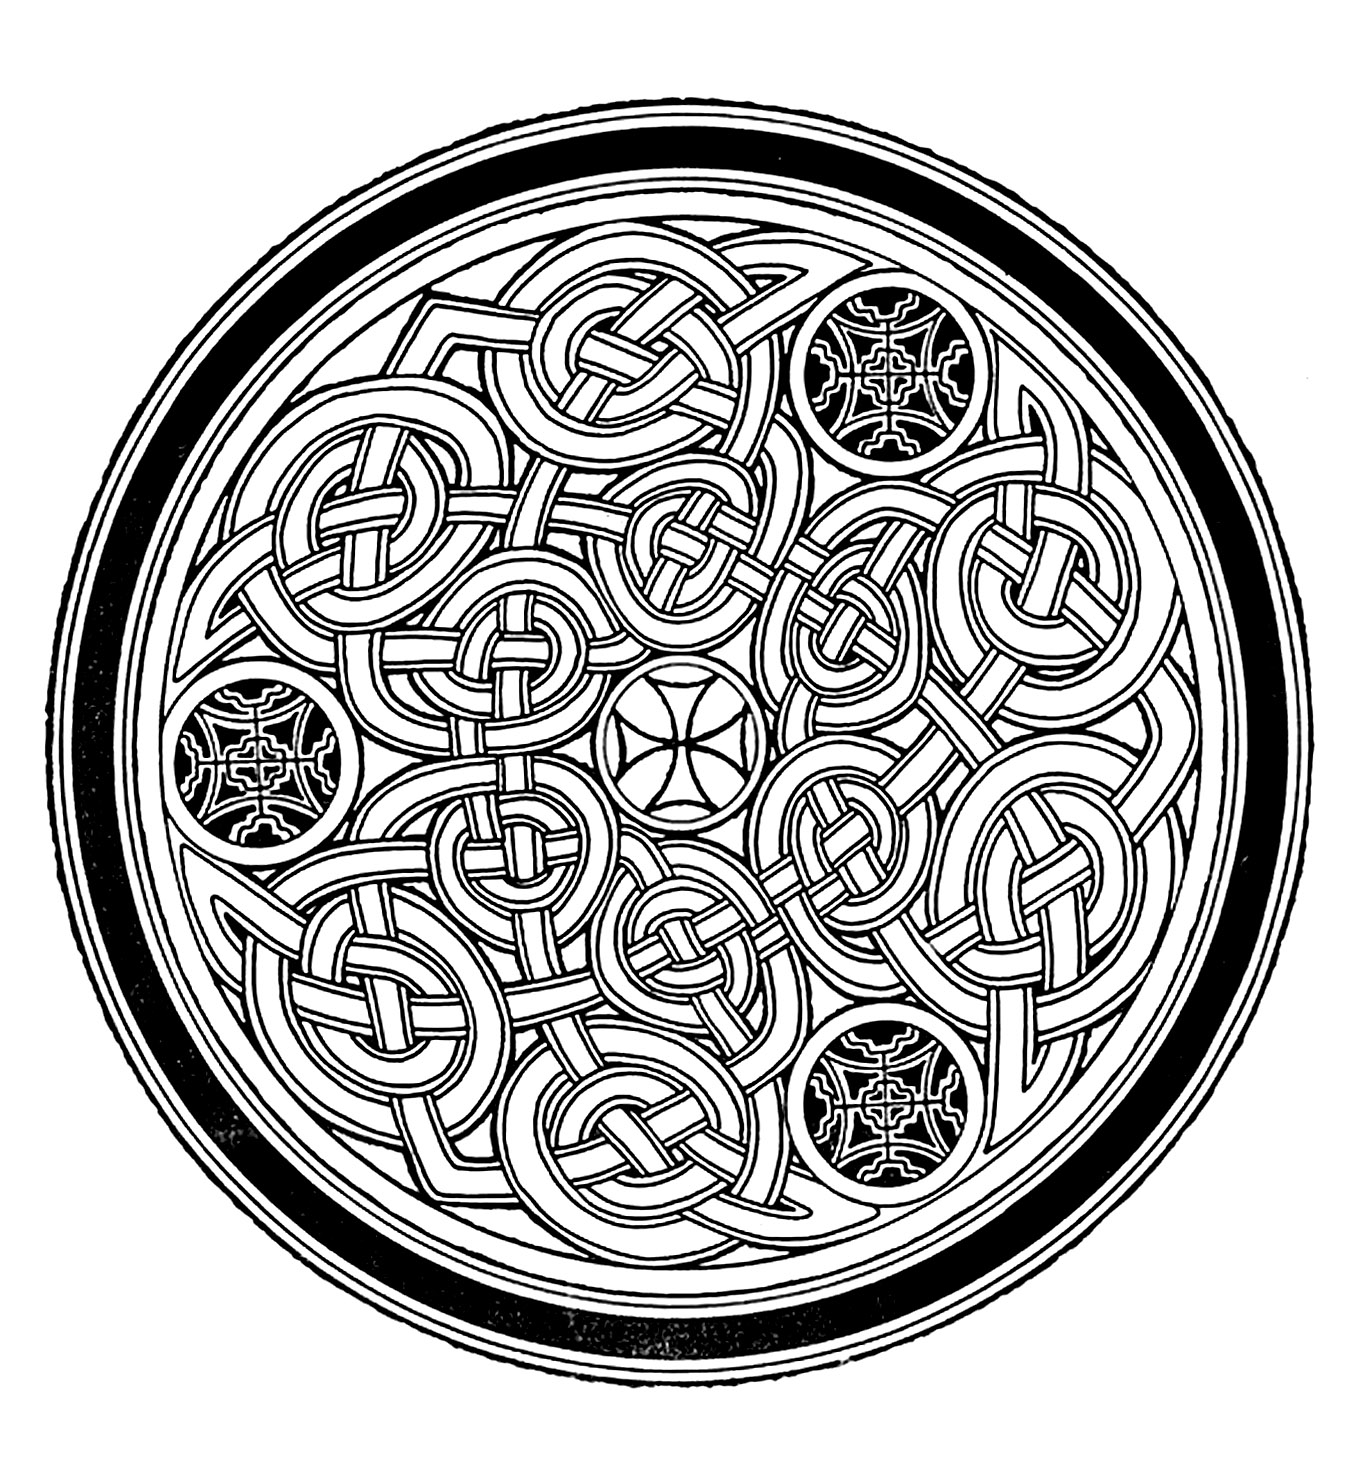 Coloriage Mandala Complique.Mandala A Colorier Difficile 3 Mandalas Difficiles Pour Adultes